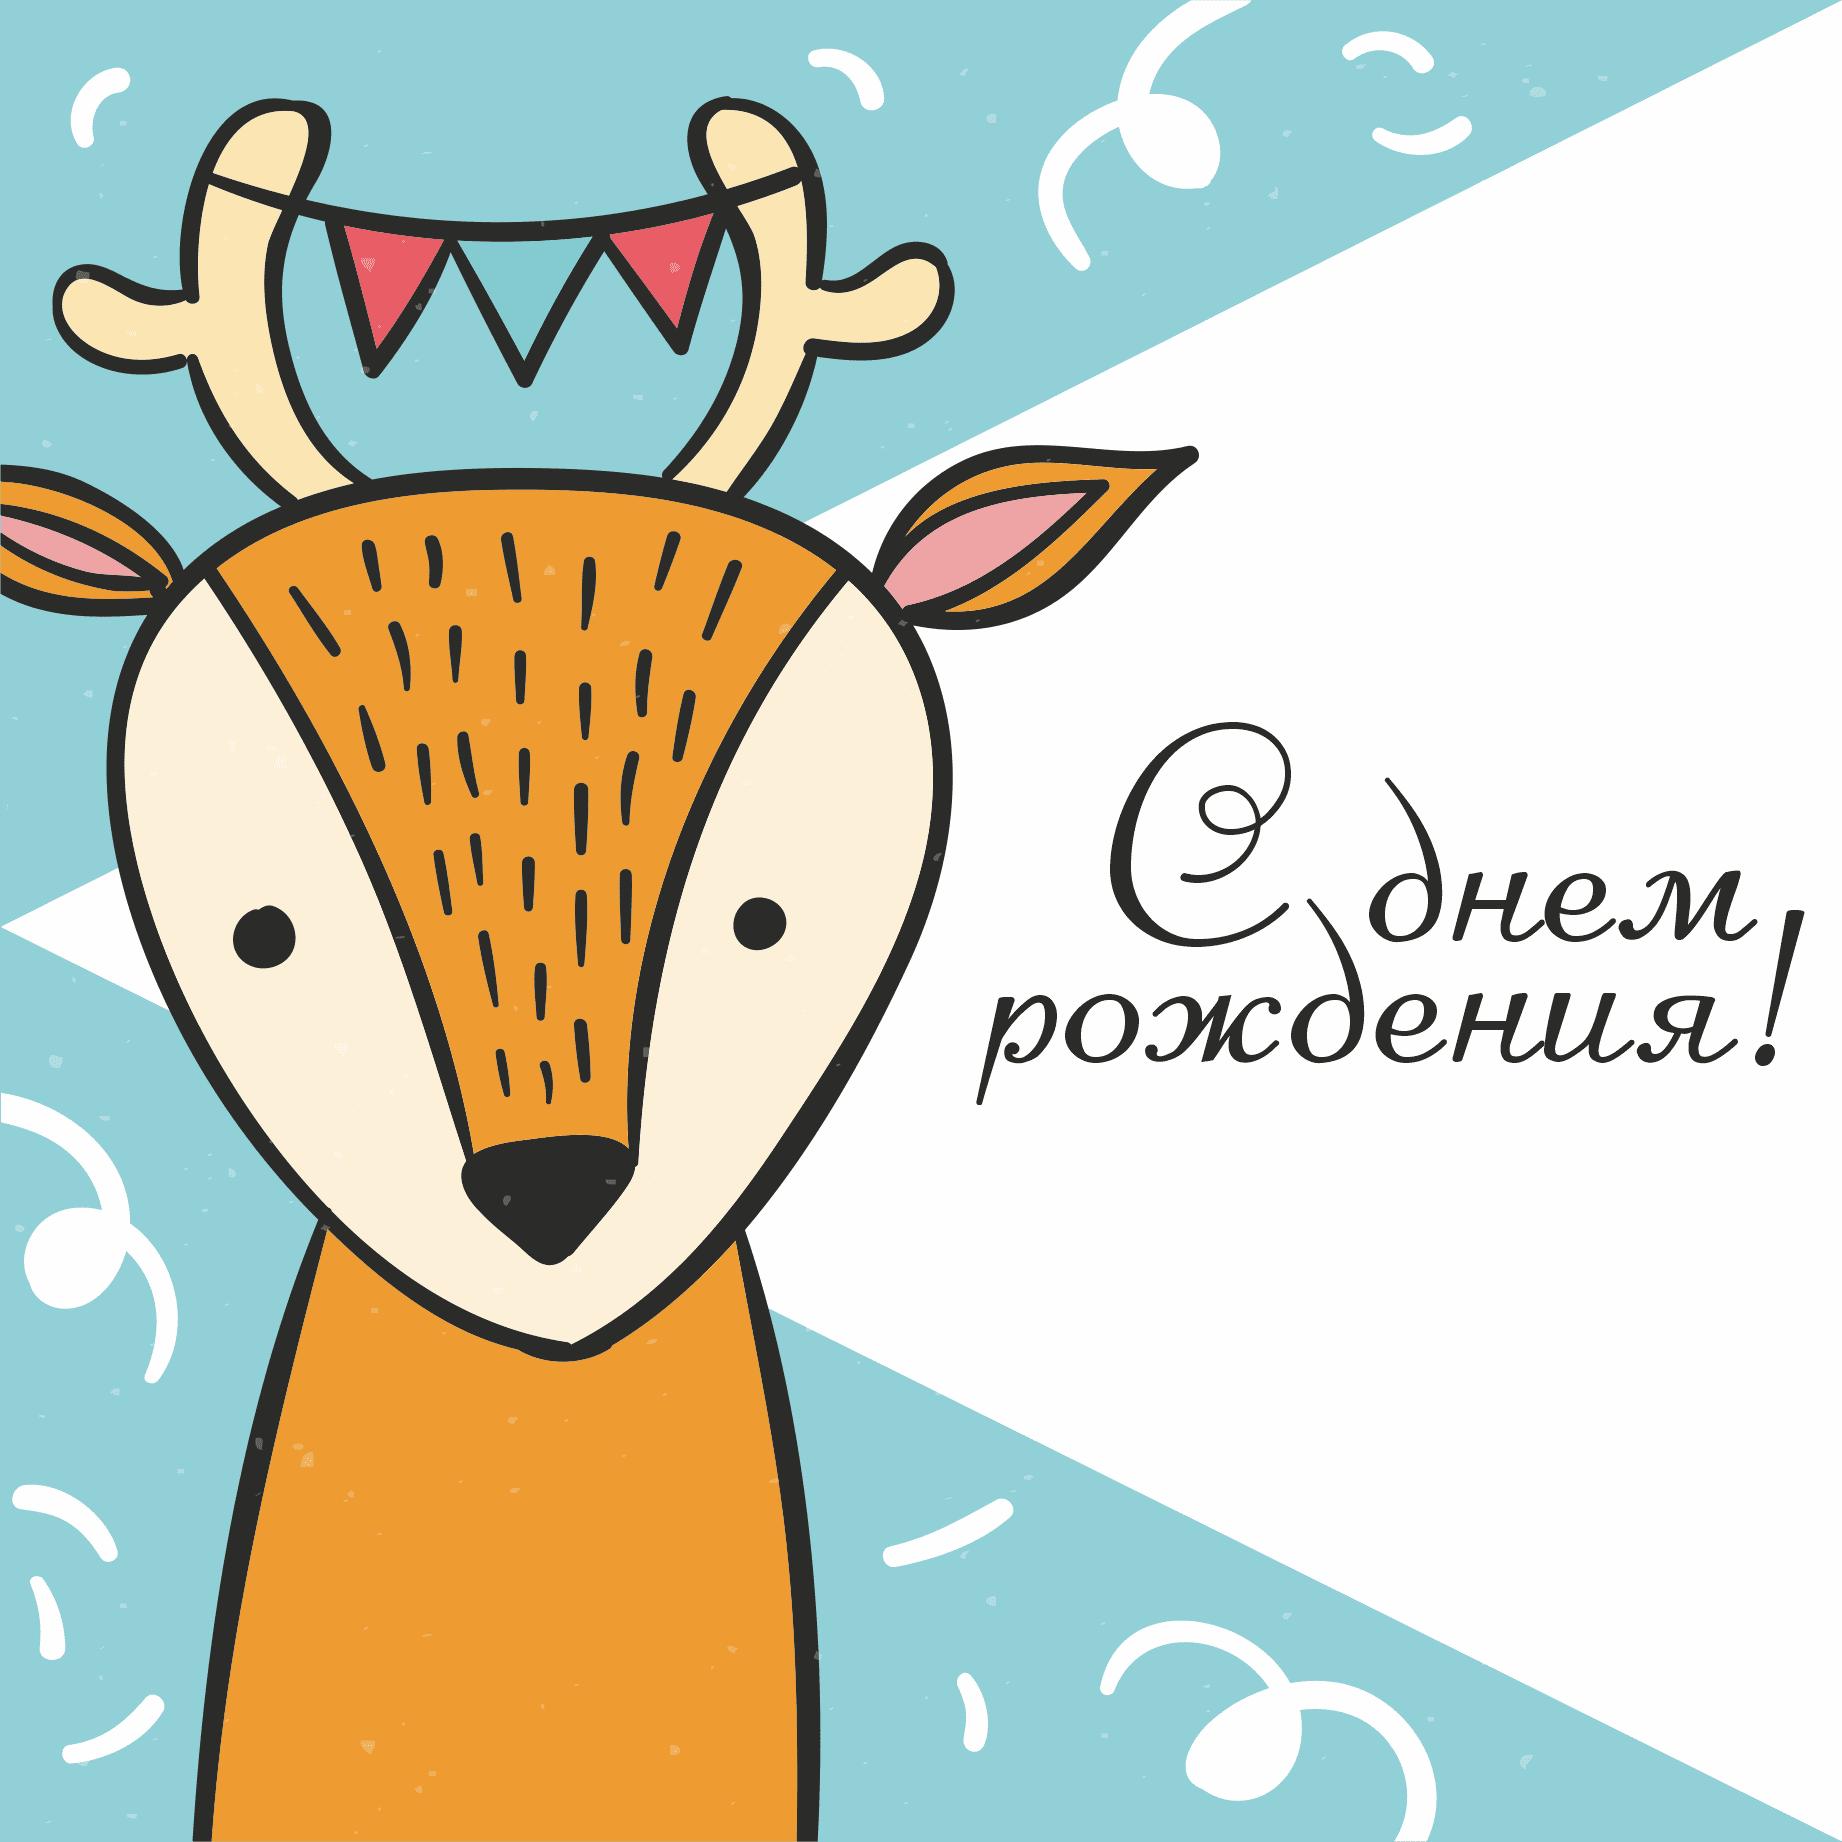 открытка на день рождения ребенка с оленем